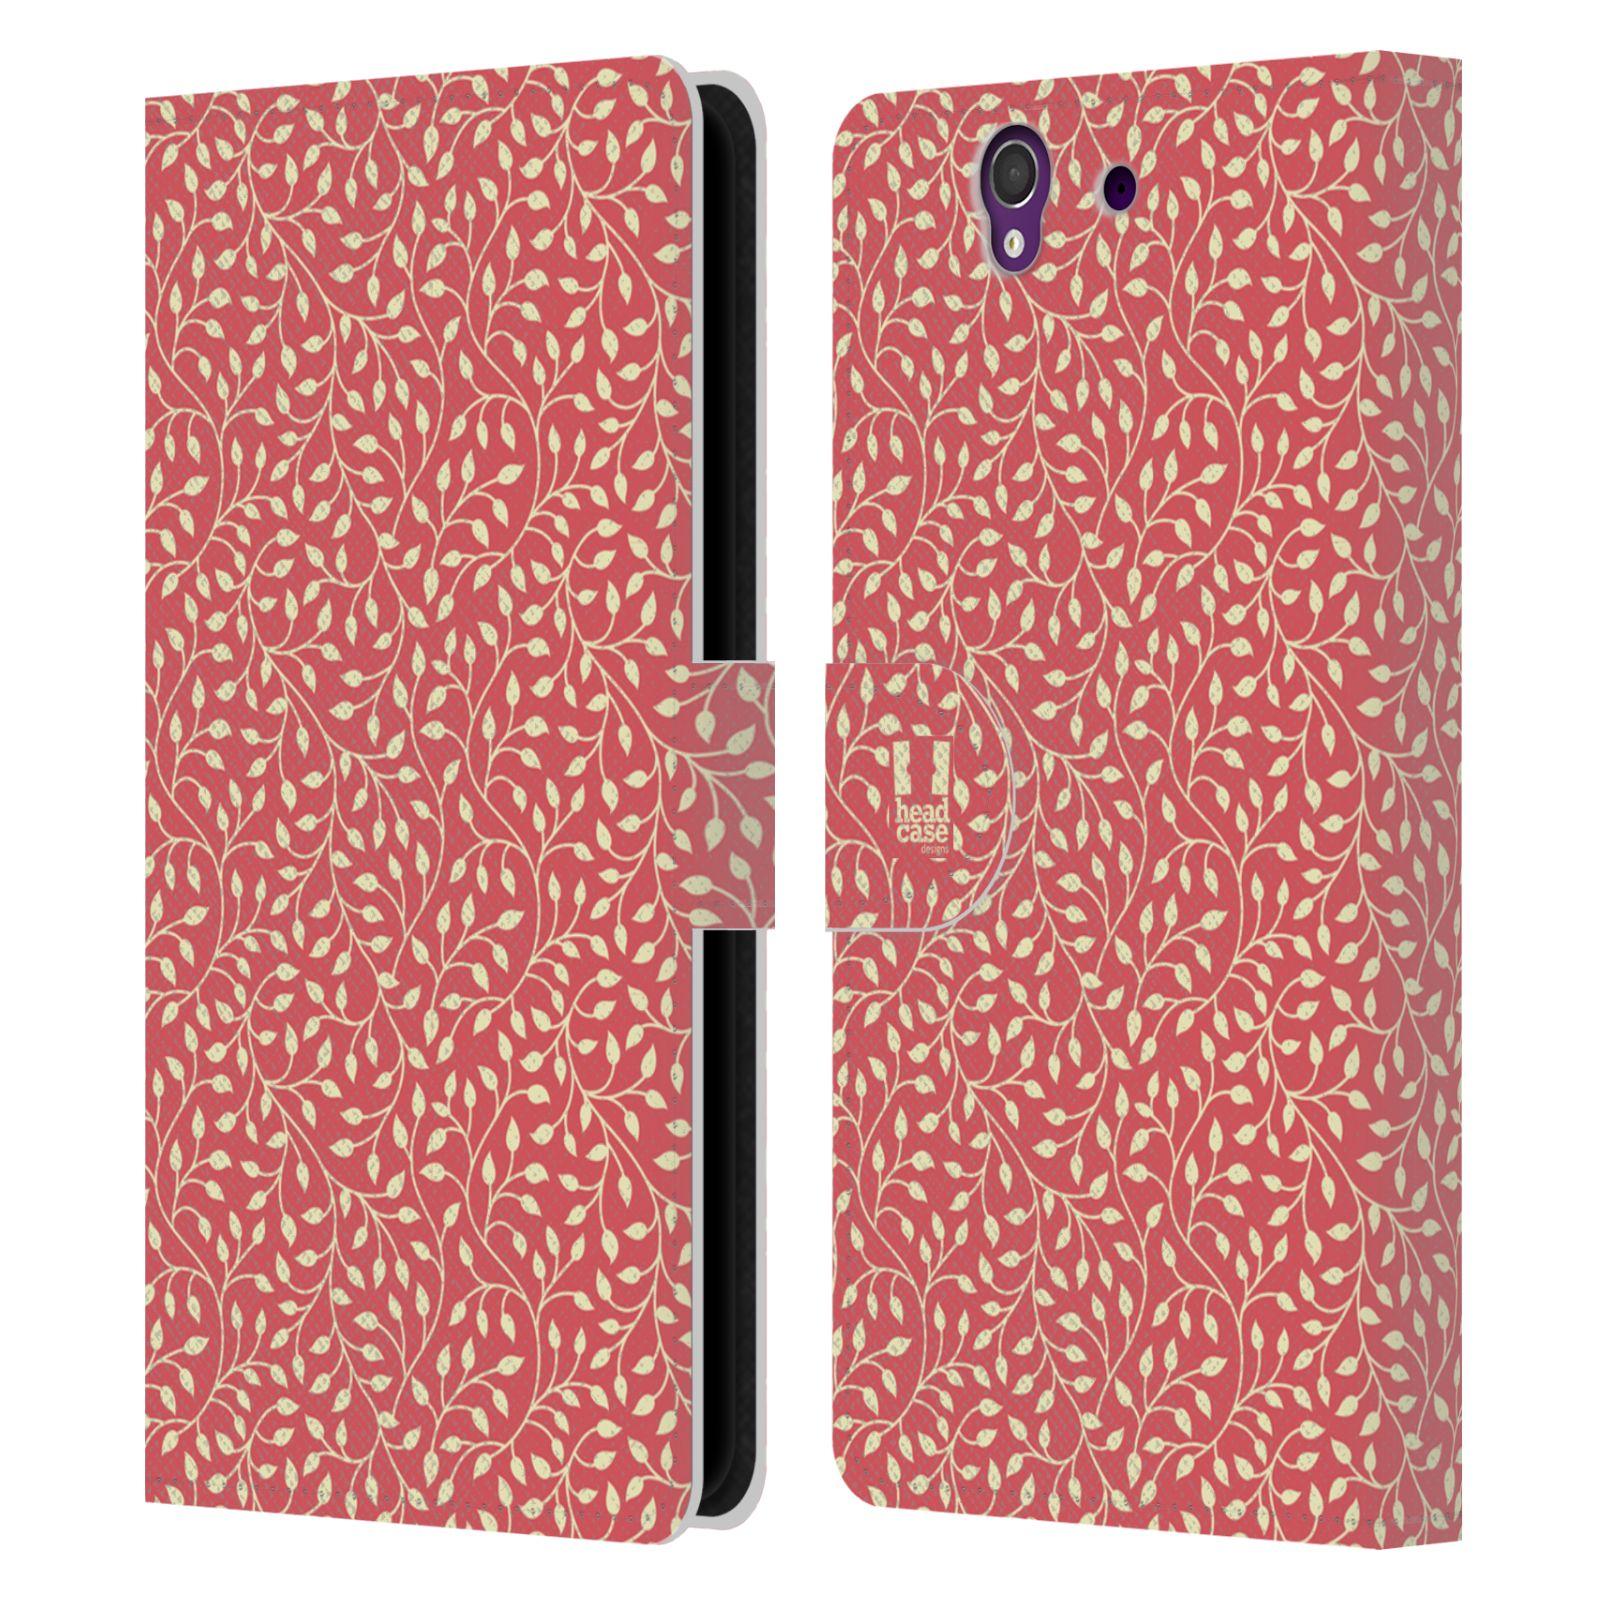 HEAD CASE Flipové pouzdro pro mobil SONY XPERIA Z (C6603) vzory listy červená